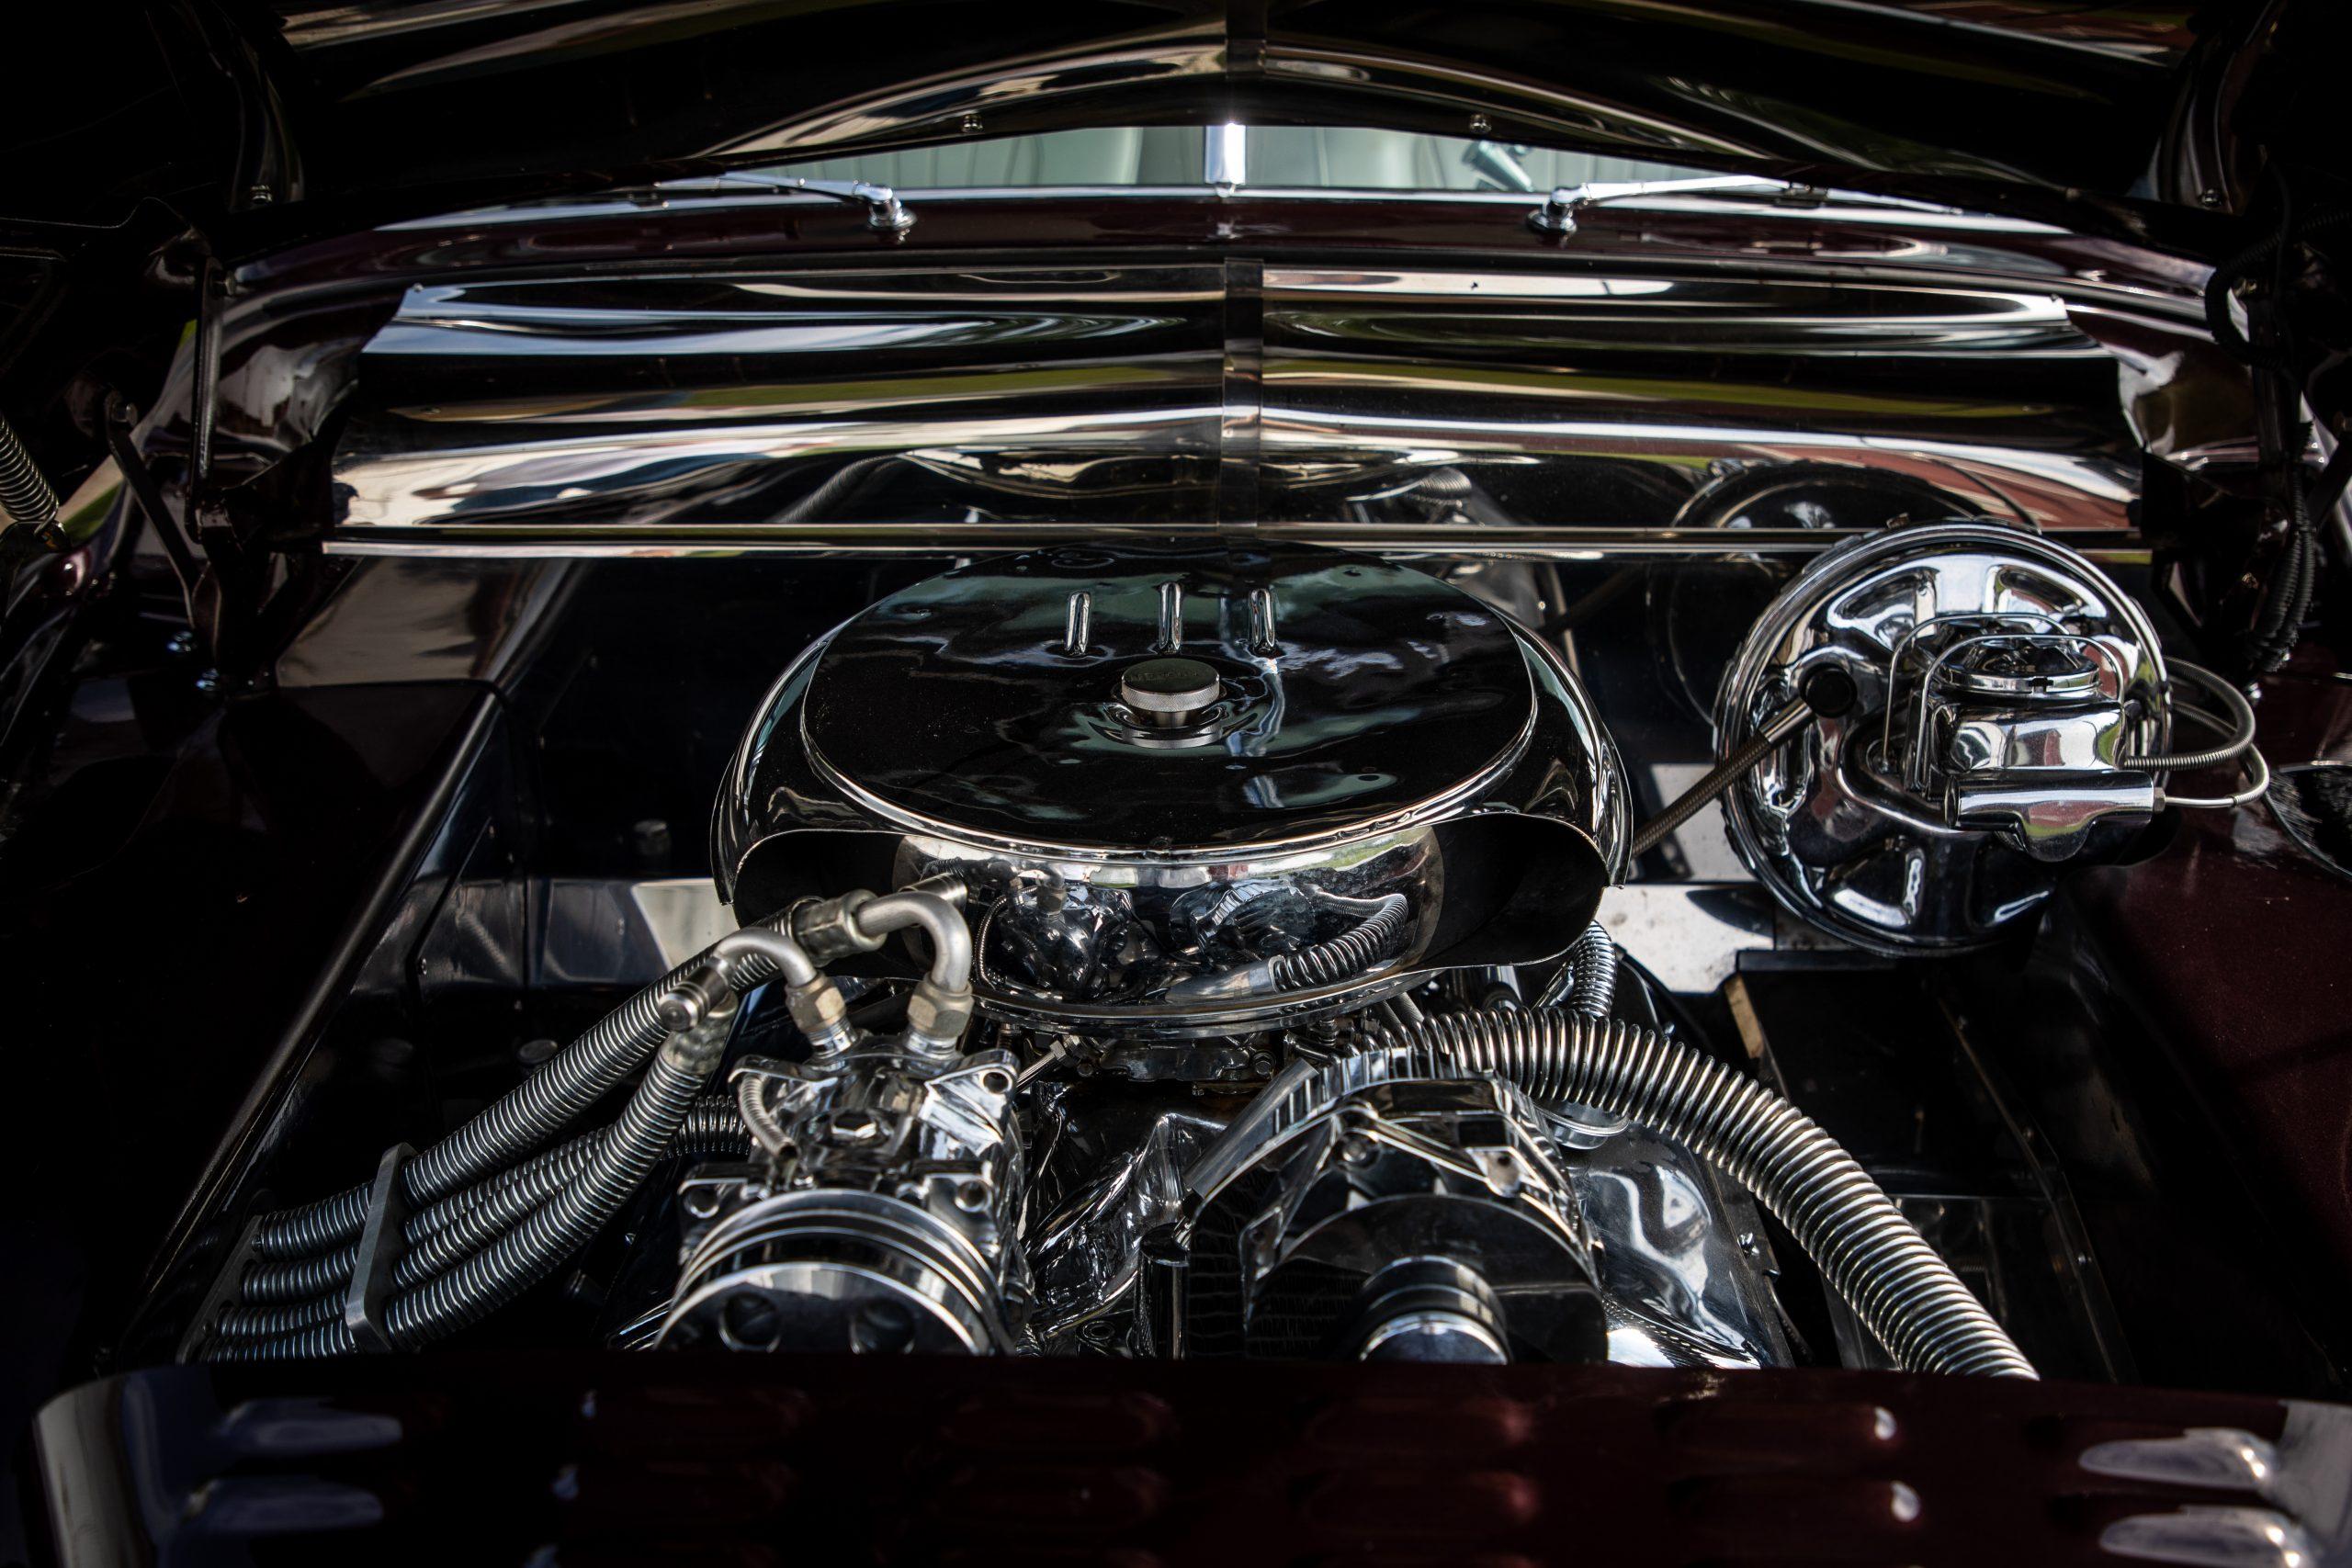 mercury lead sled custom engine